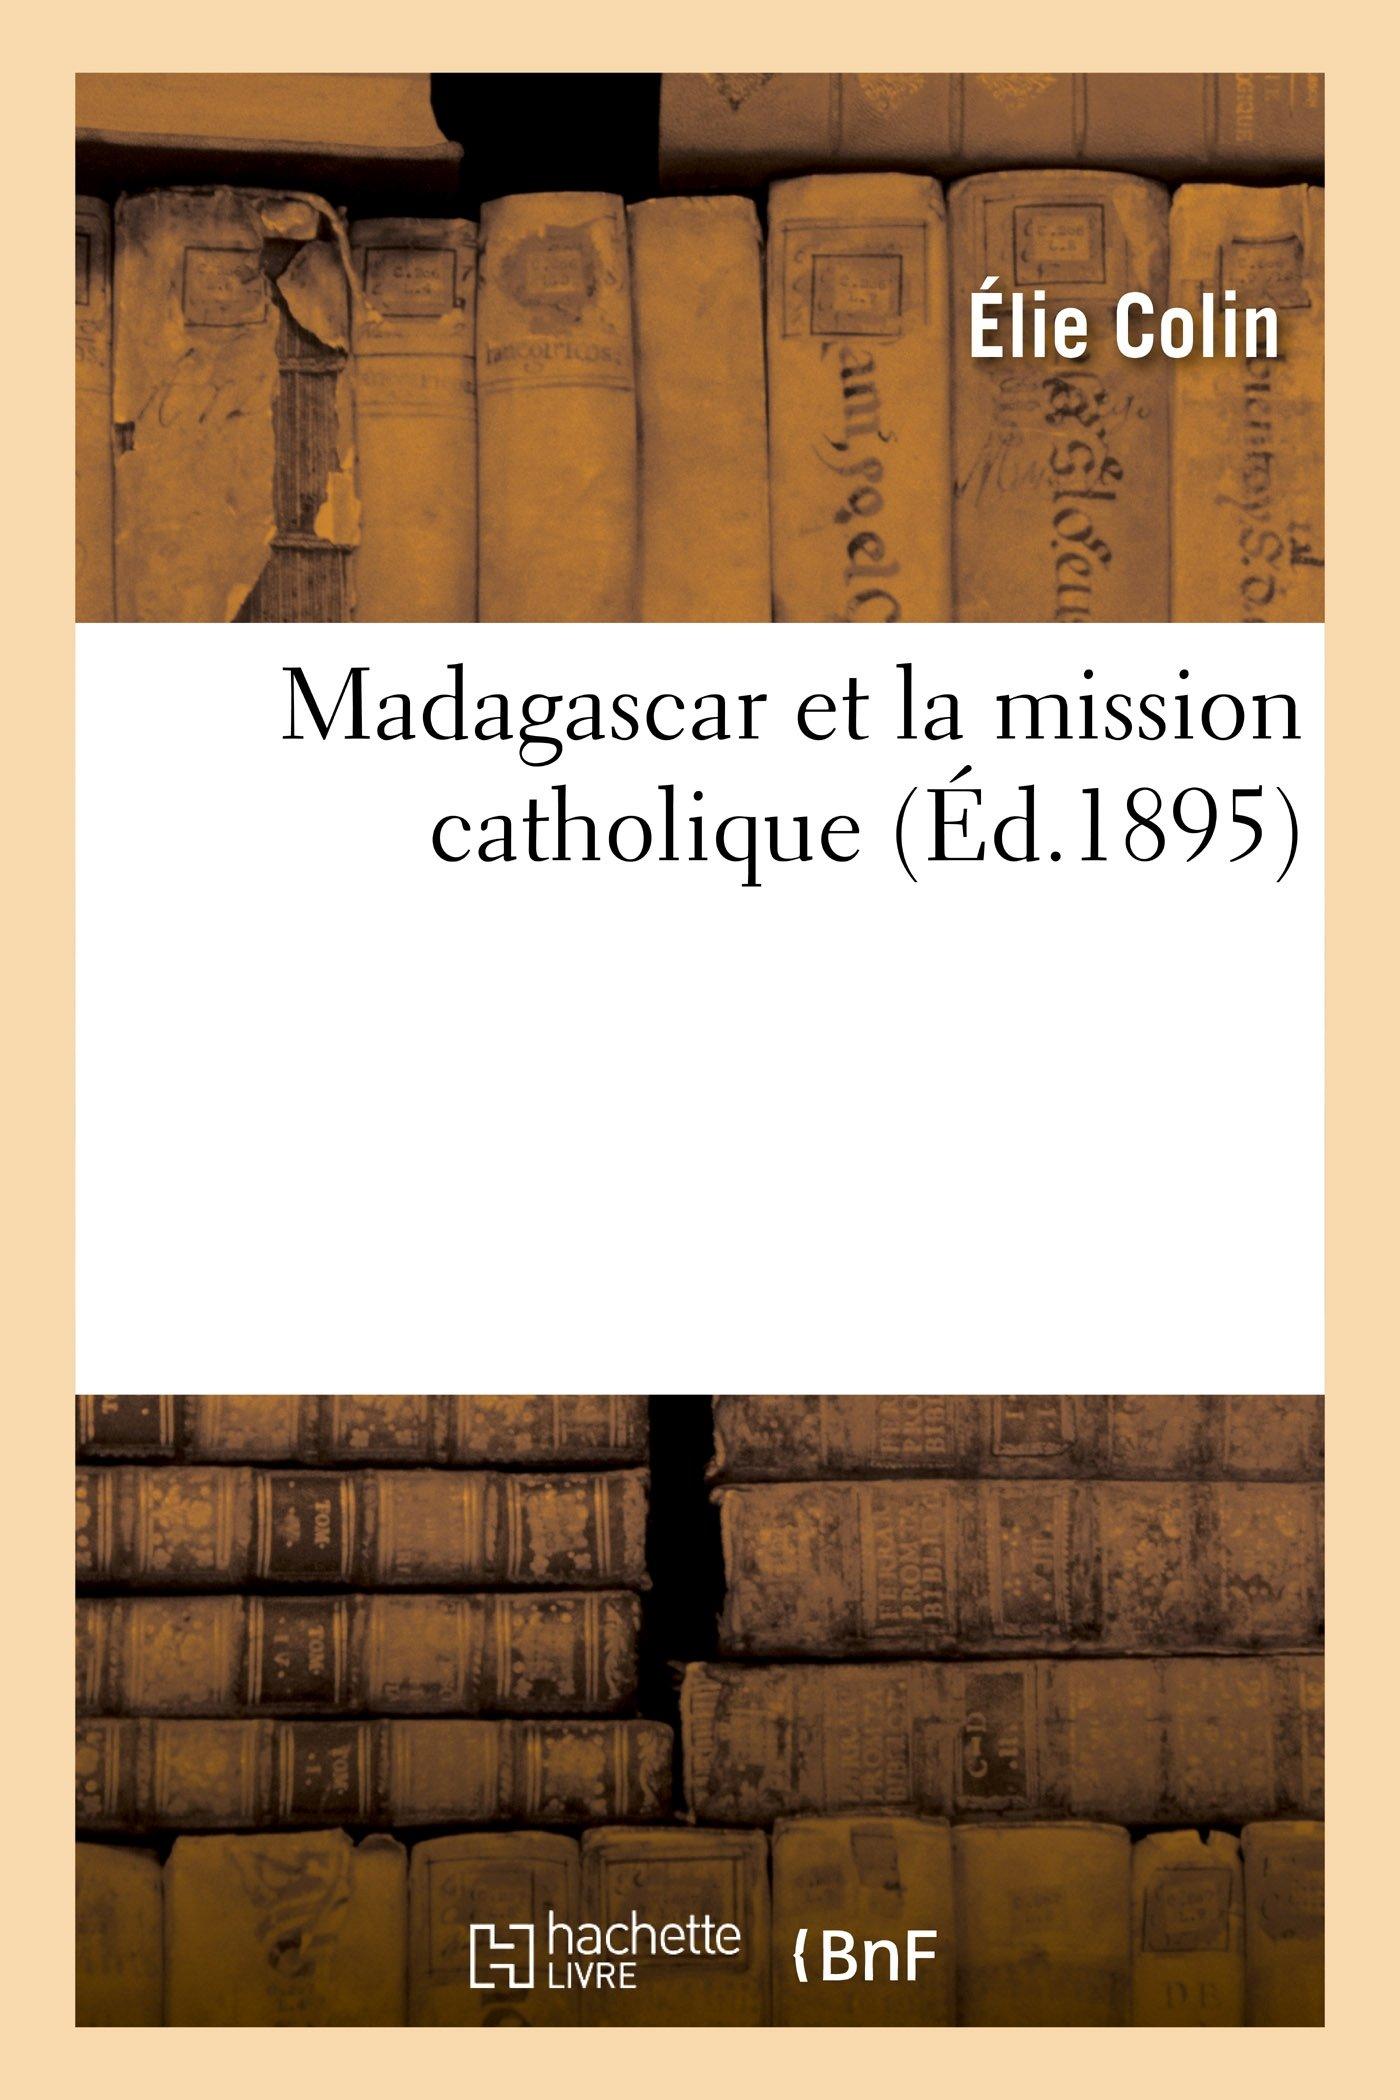 Madagascar et la mission catholique (5e éd.) (Histoire) (French Edition)